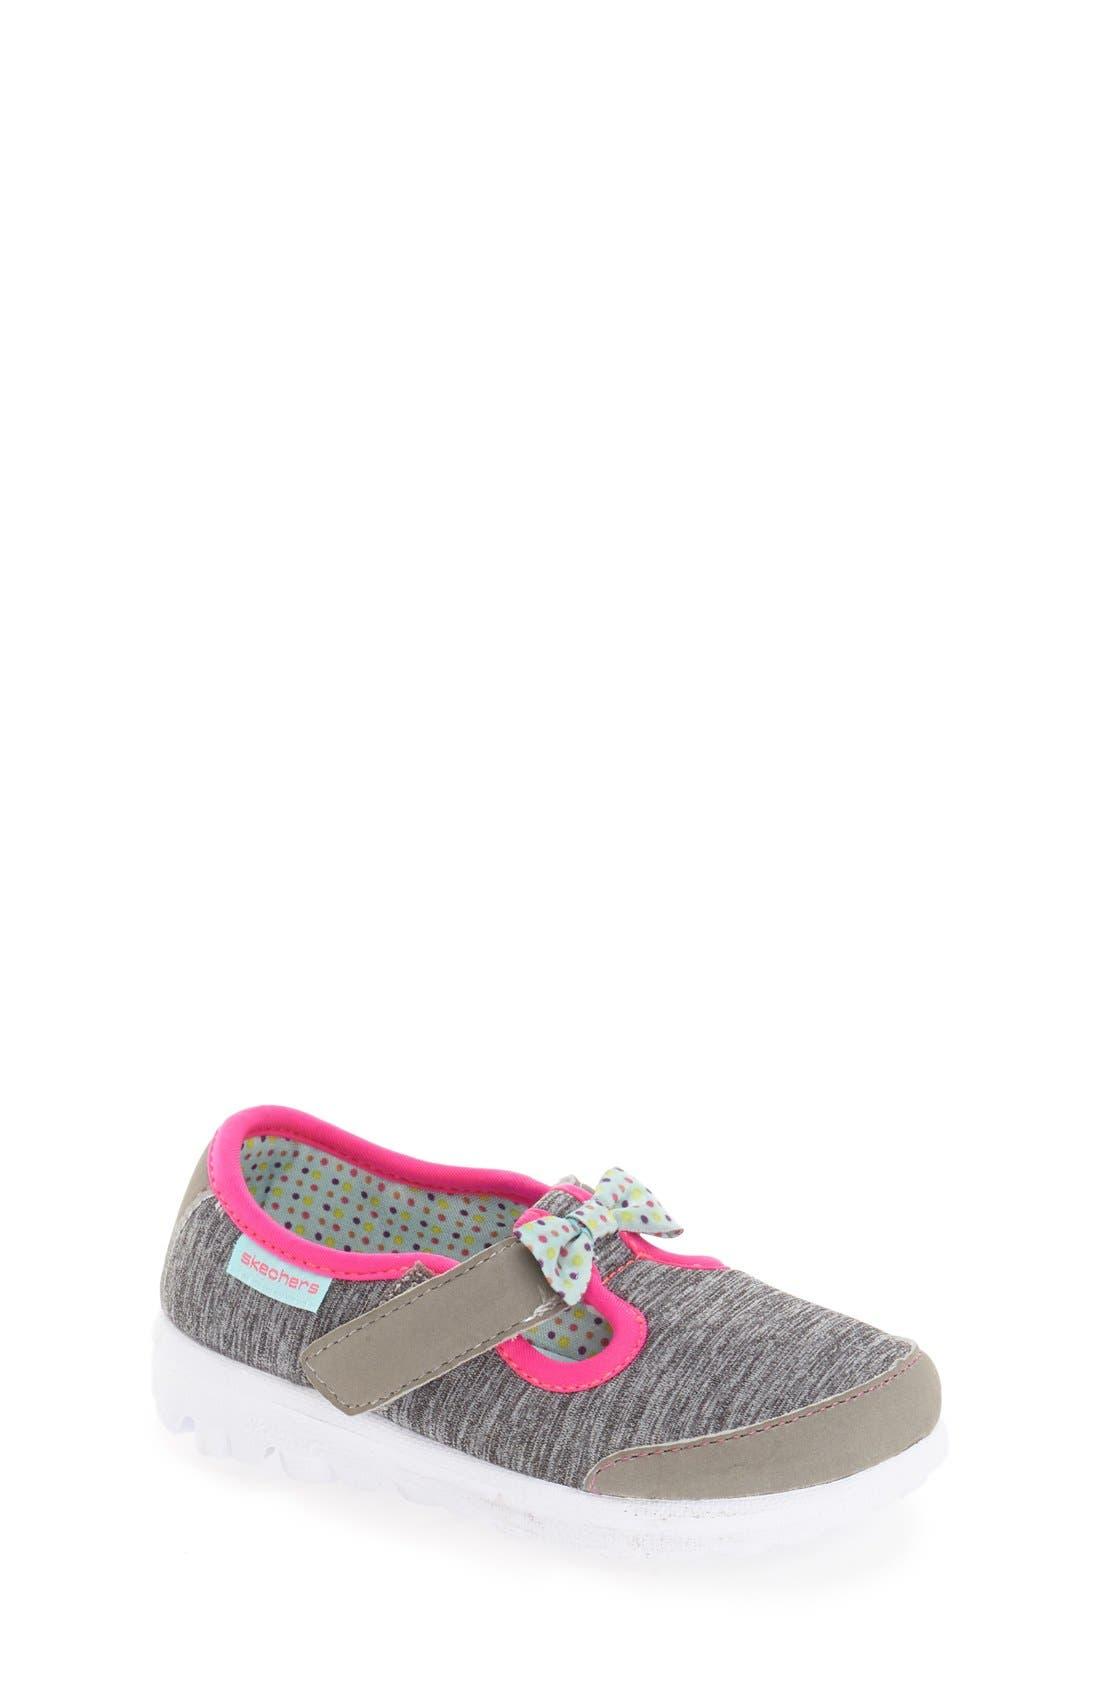 SKECHERS Go Walk - Bitty Bow Sneaker